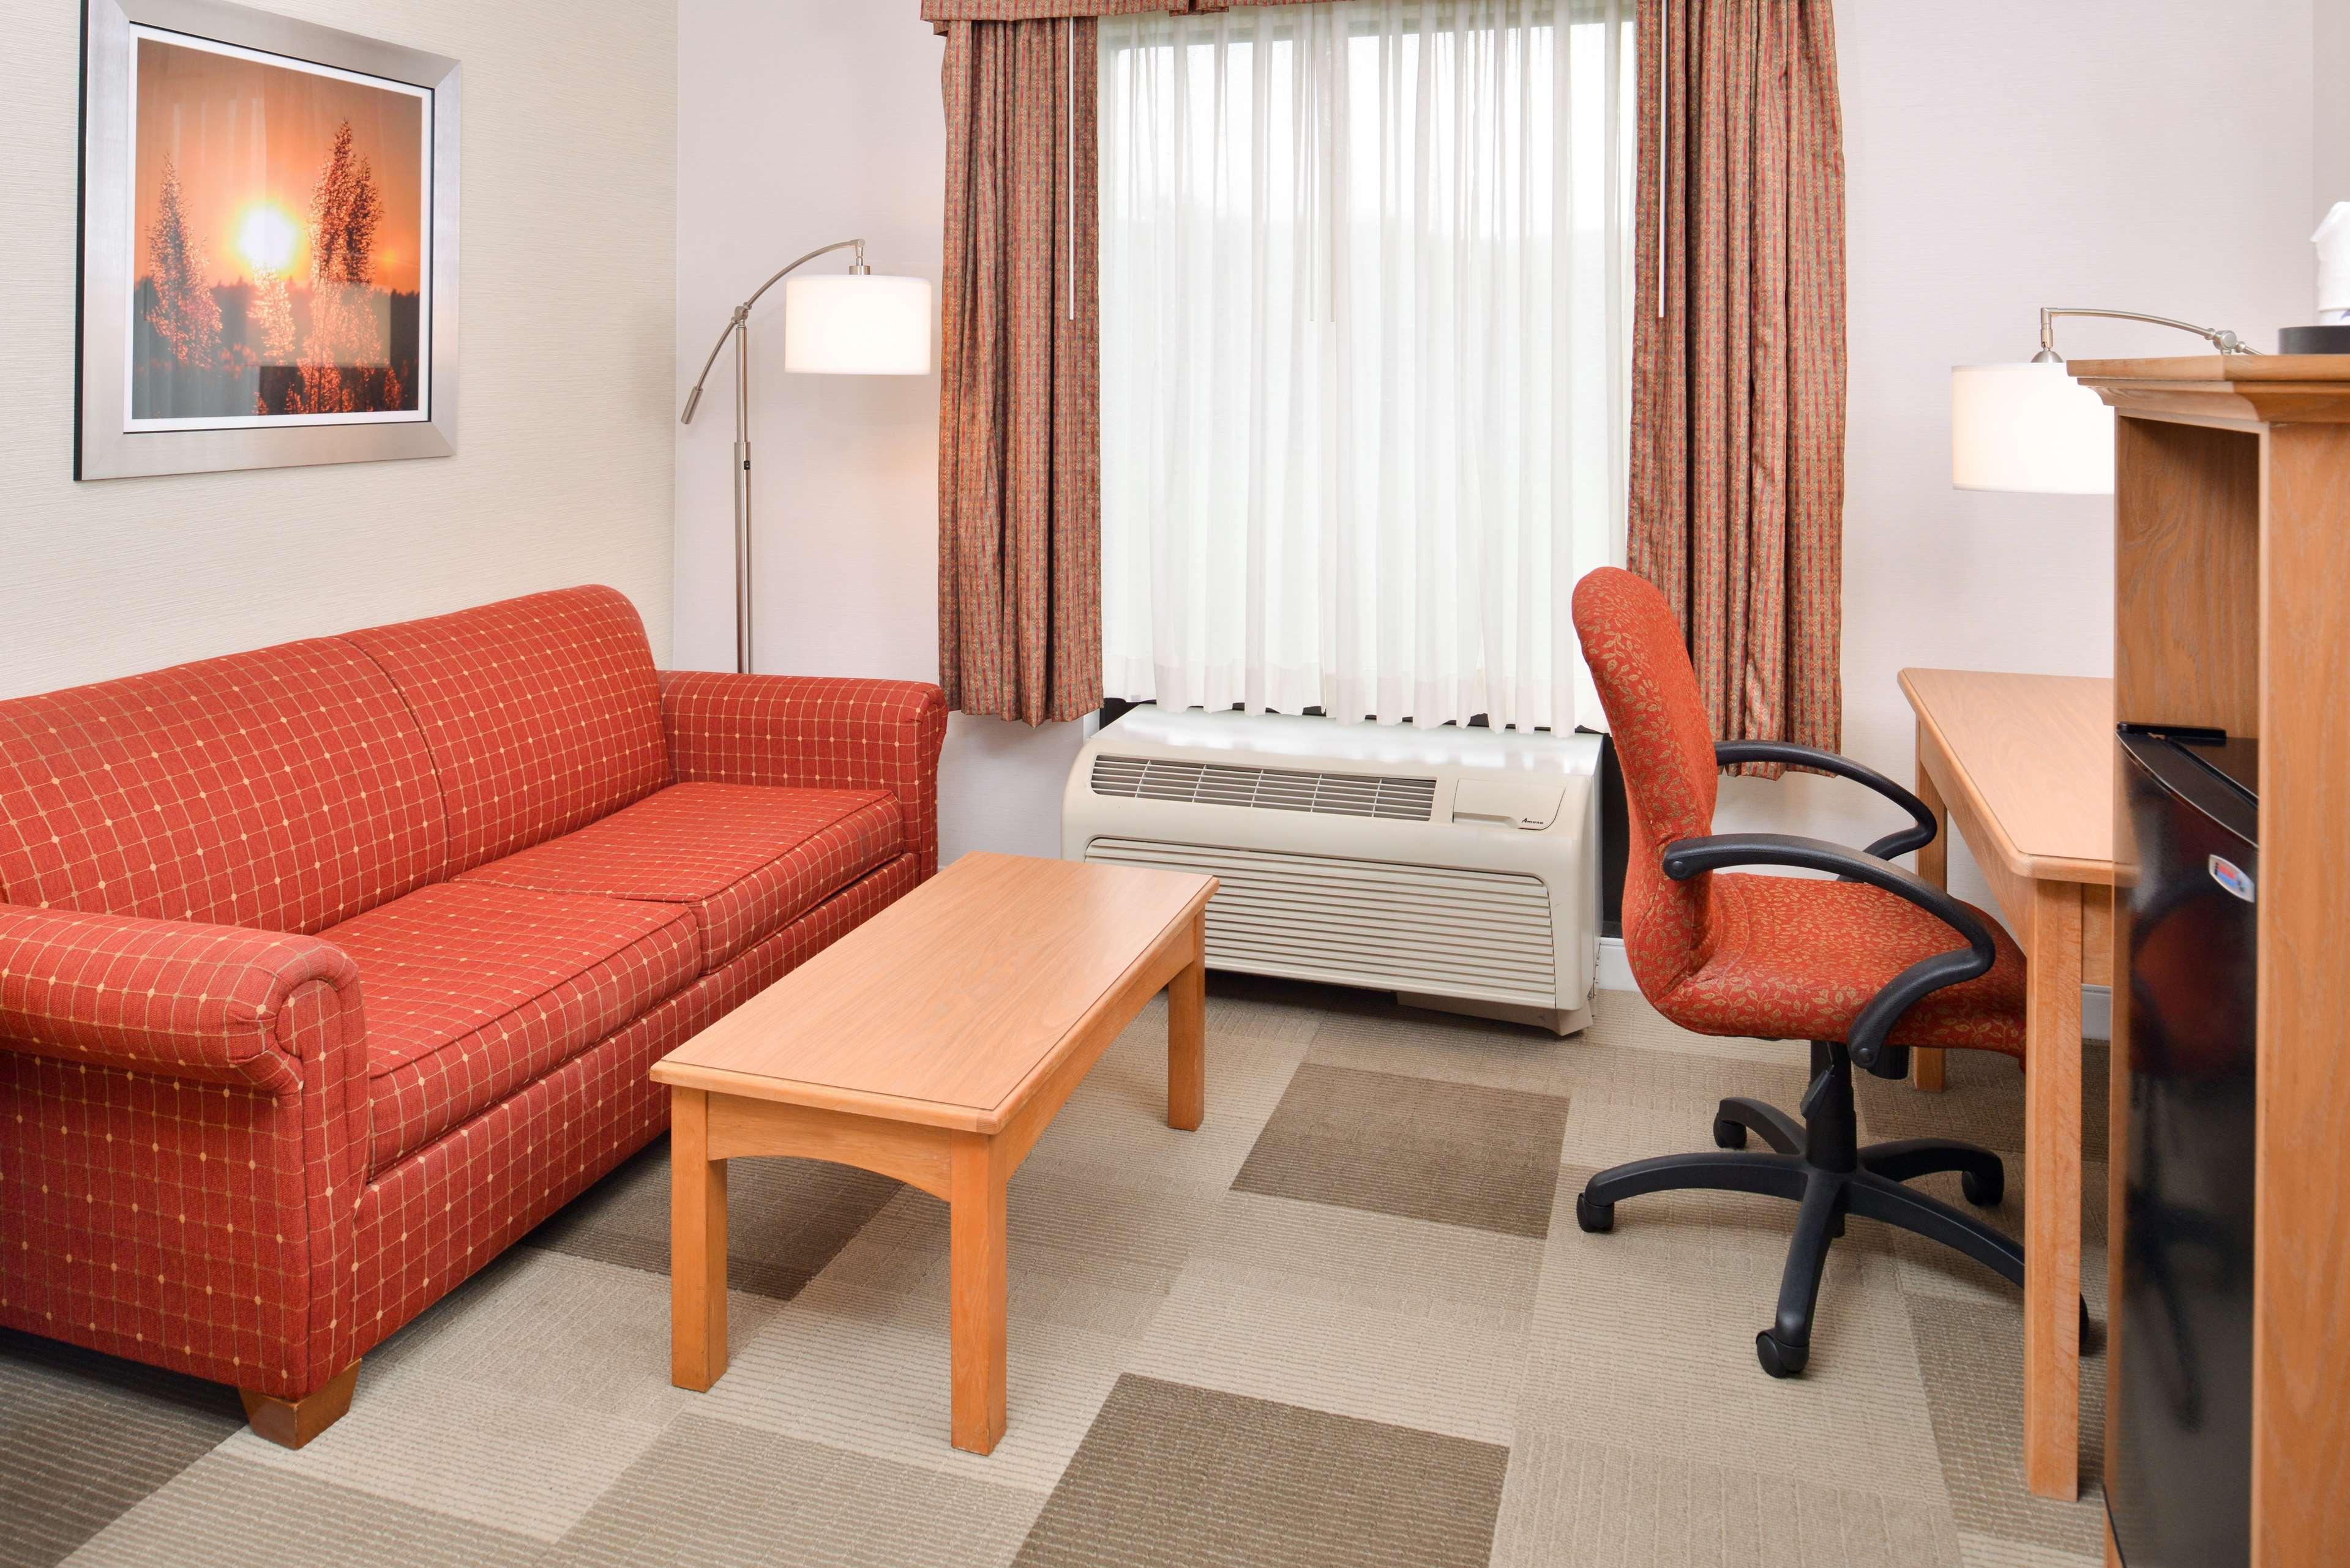 Hampton Inn Cortland image 20